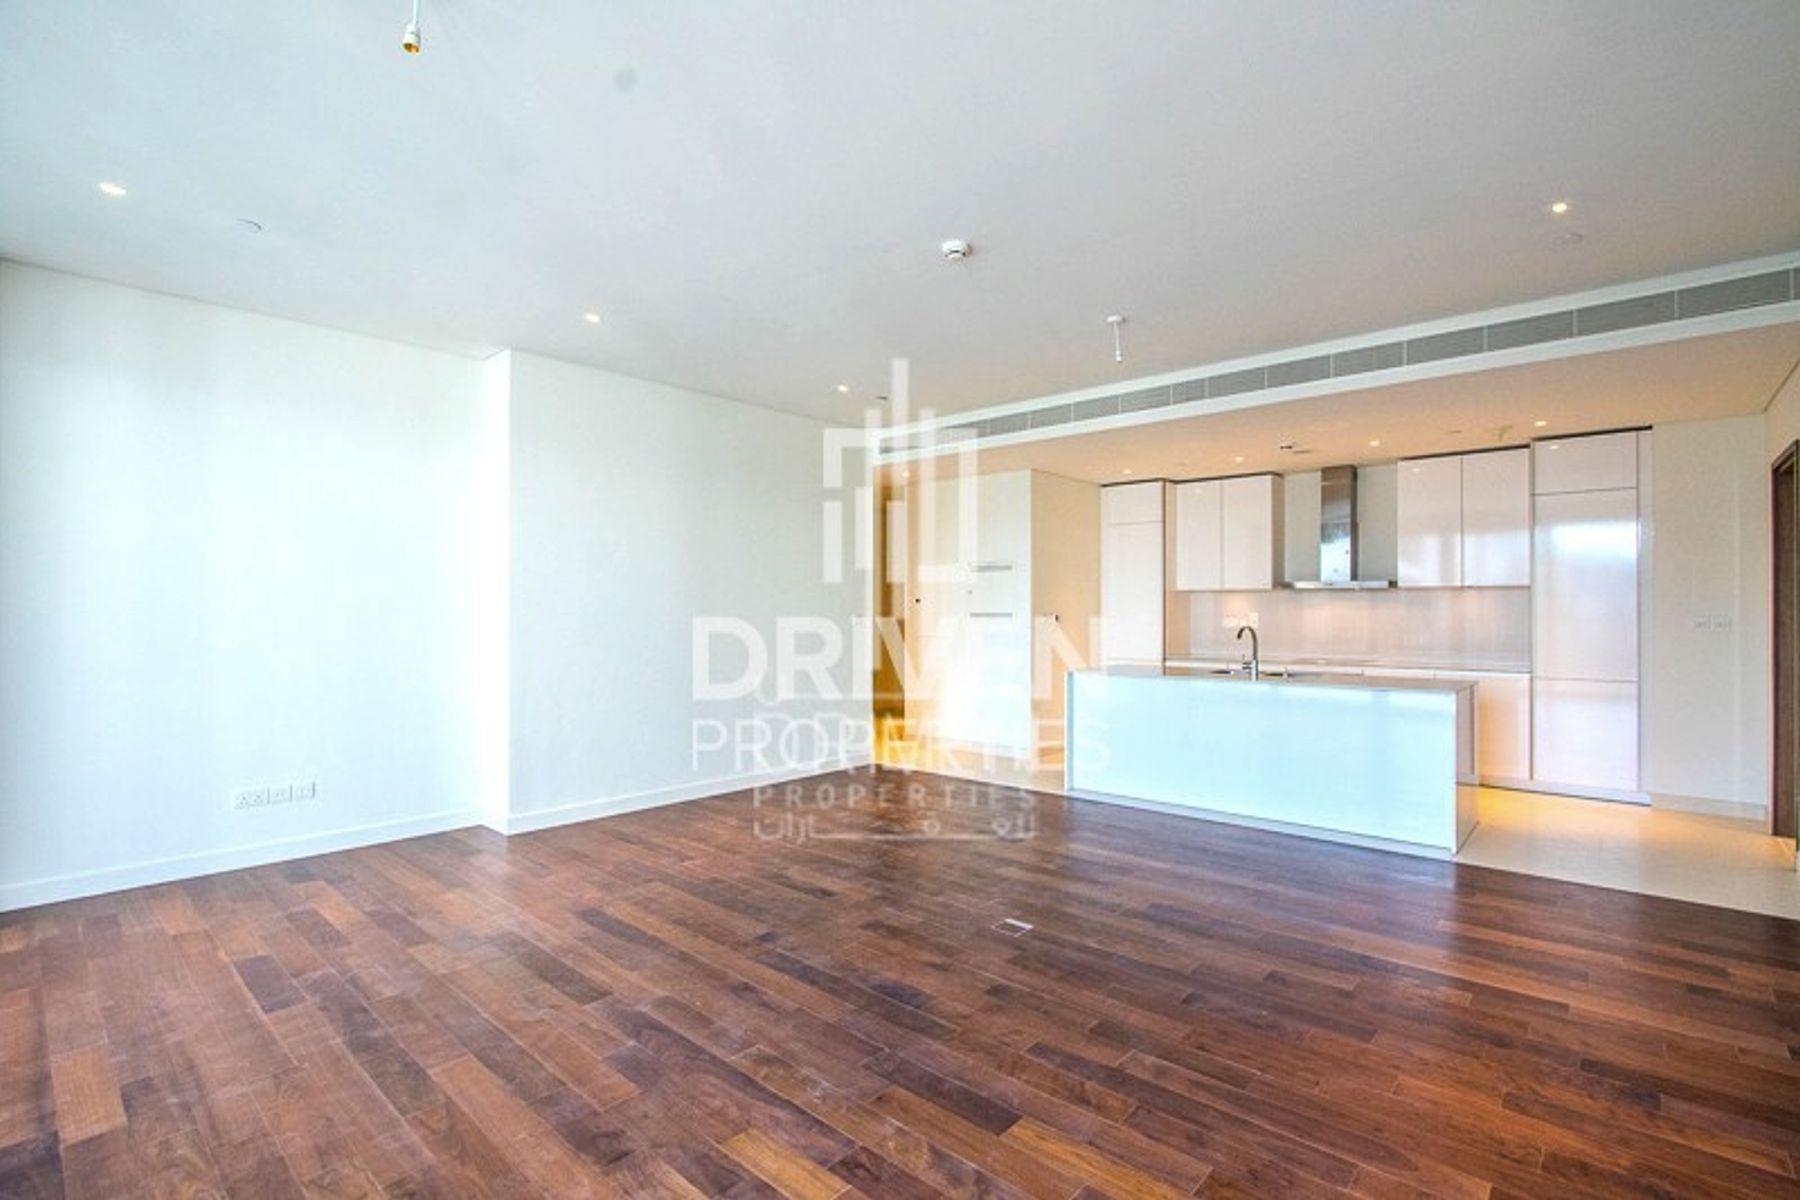 للايجار - شقة - 4B بناية - سيتي ووك